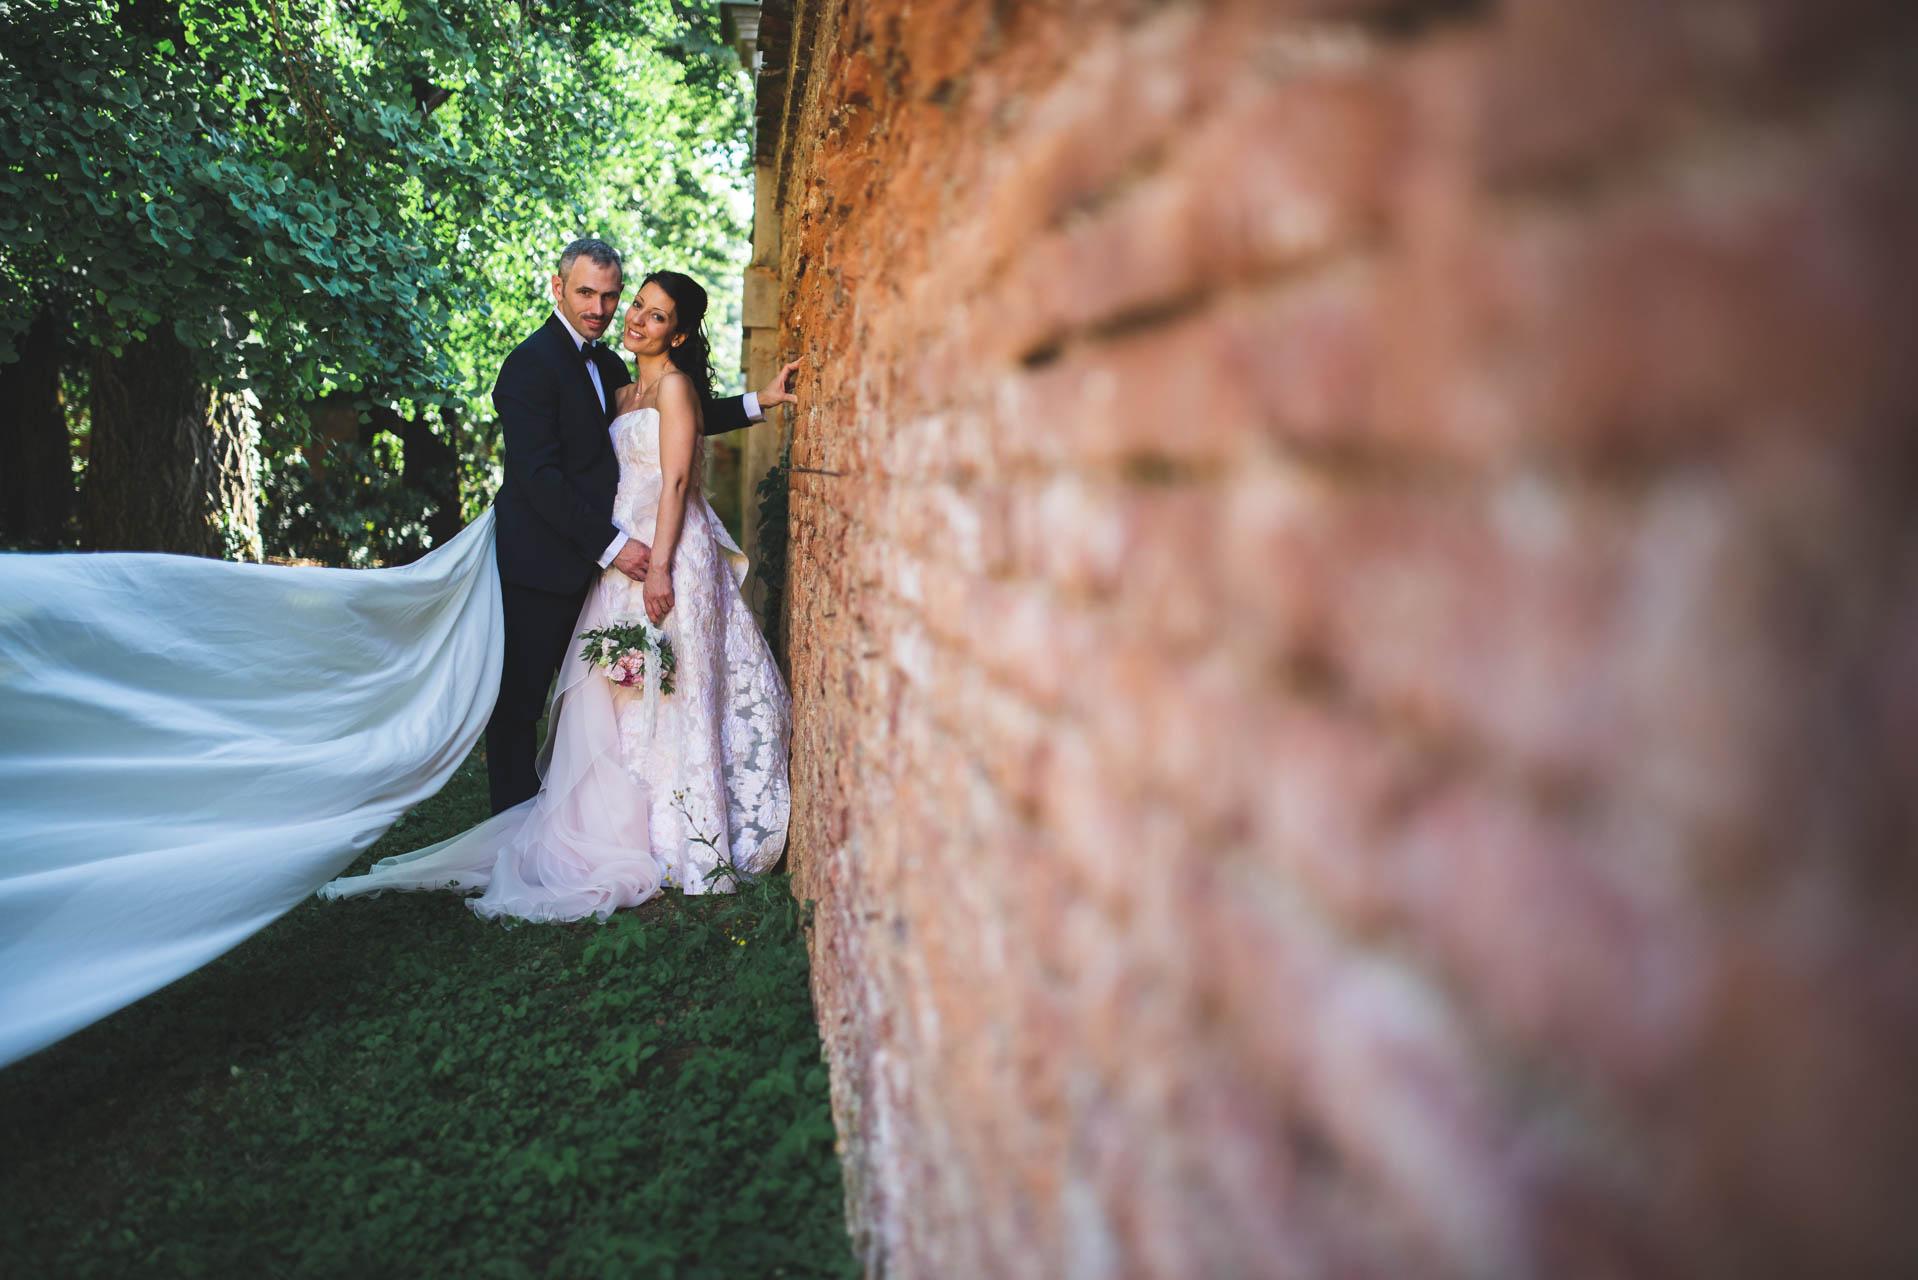 sposi abbraccio muro esterno